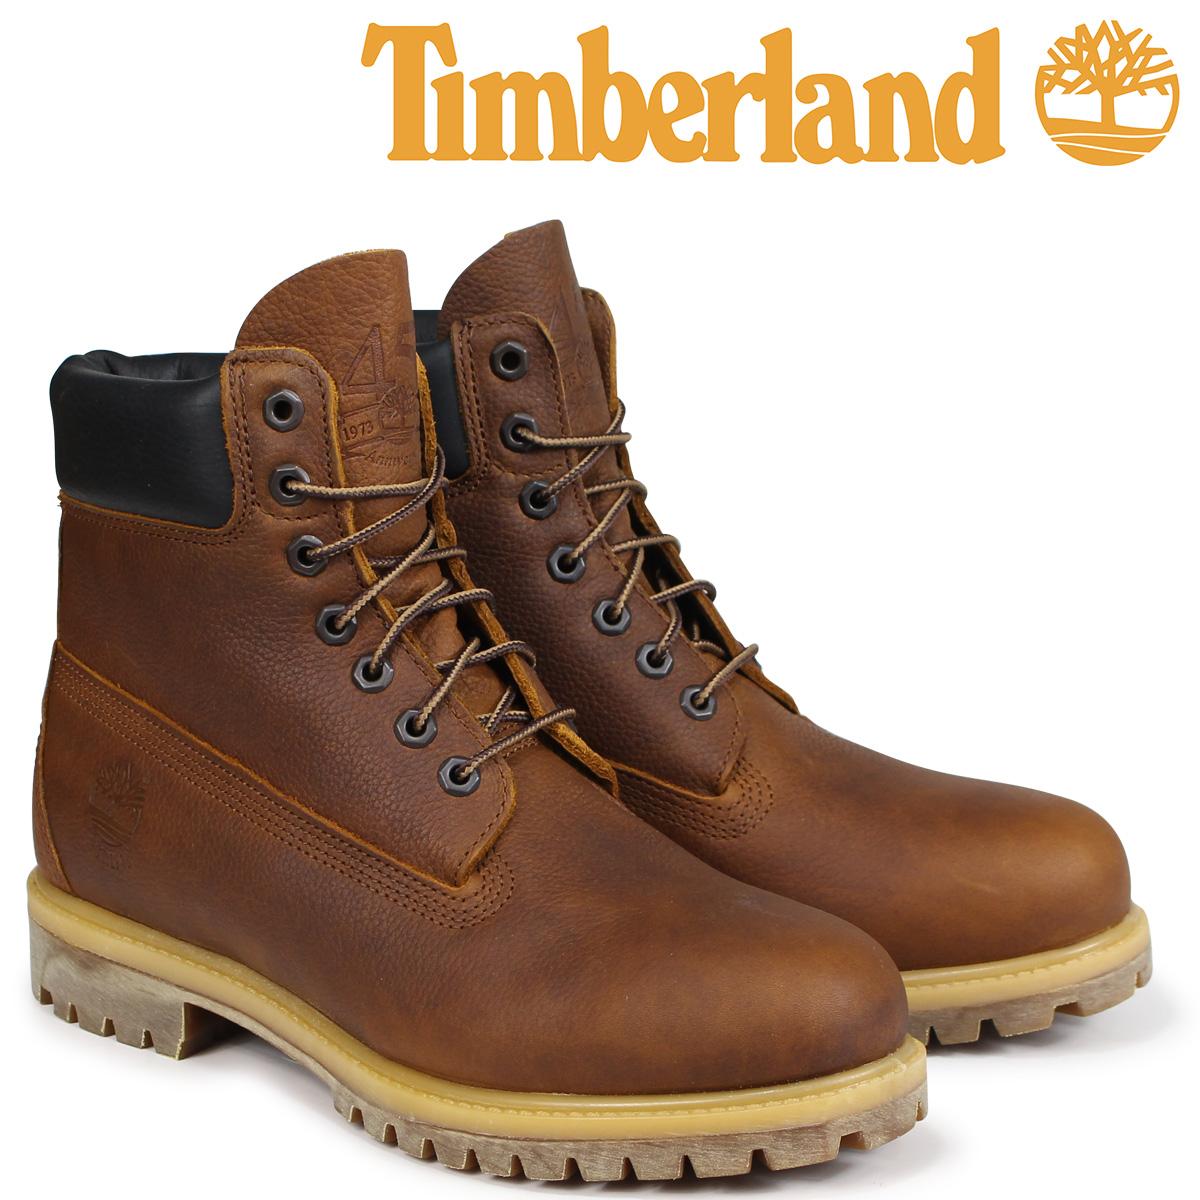 ティンバーランド ブーツ メンズ 6インチ Timberland HERITAGE 6-INCH PREMIUM BOOTS A1R18 Wワイズ ブラウン [9/5 新入荷]